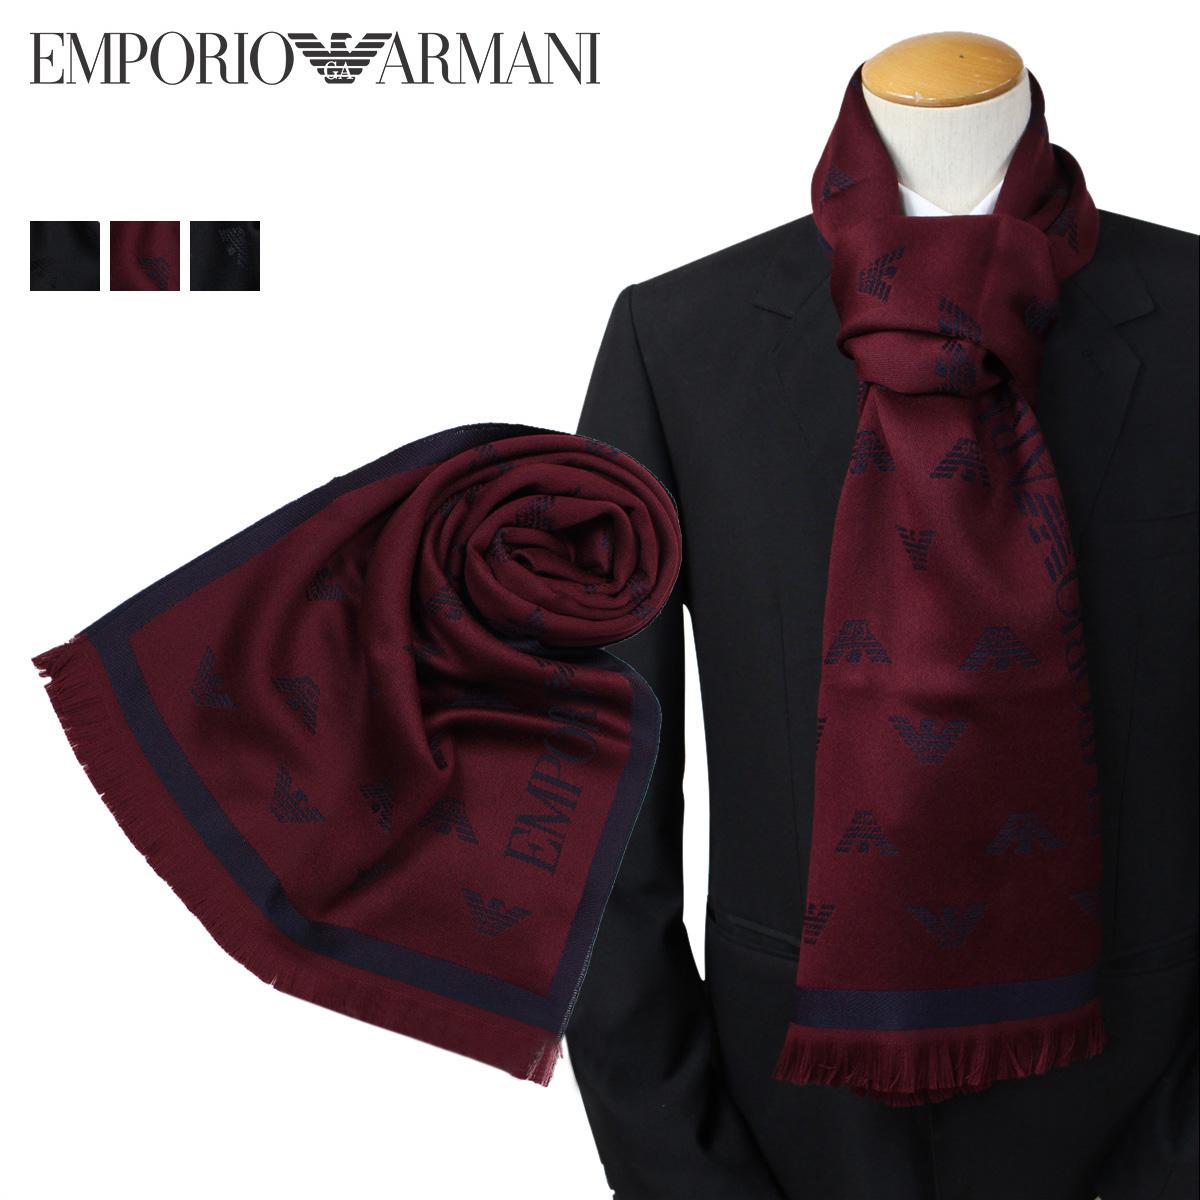 豪奢な EMPORIO ARMANI エンポリオ マフラー メンズ エンポリオ アルマーニ ウール イタリア製 イタリア製 6250097A306 ビジネス カジュアル 6250097A306, アイズミチョウ:a96453a1 --- canoncity.azurewebsites.net